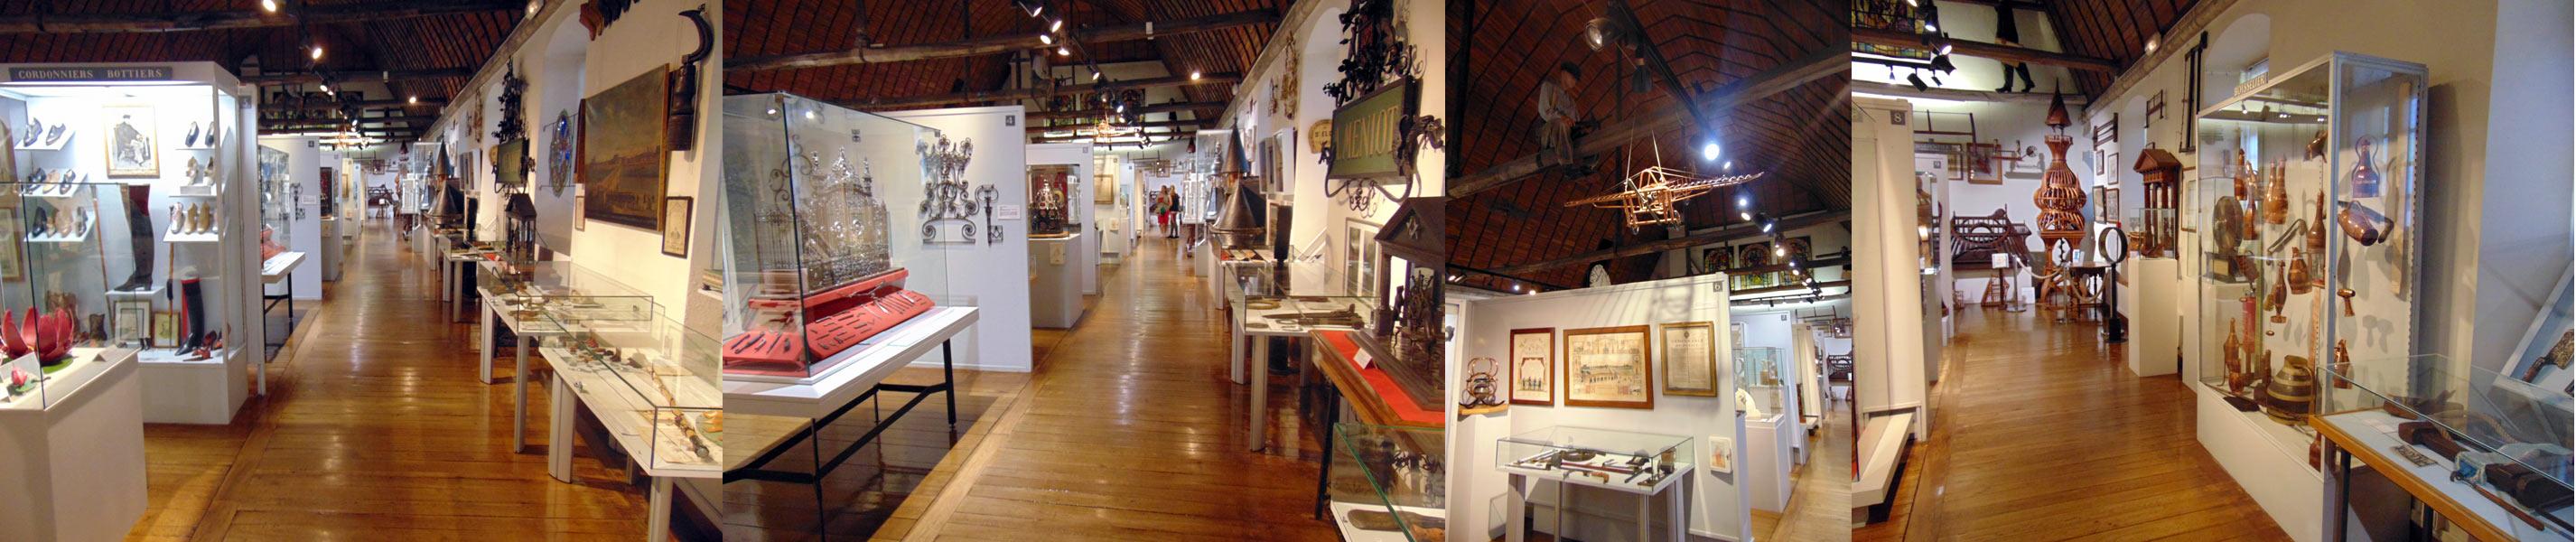 лучшие музеи Франции - музей Компаньонов в Туре